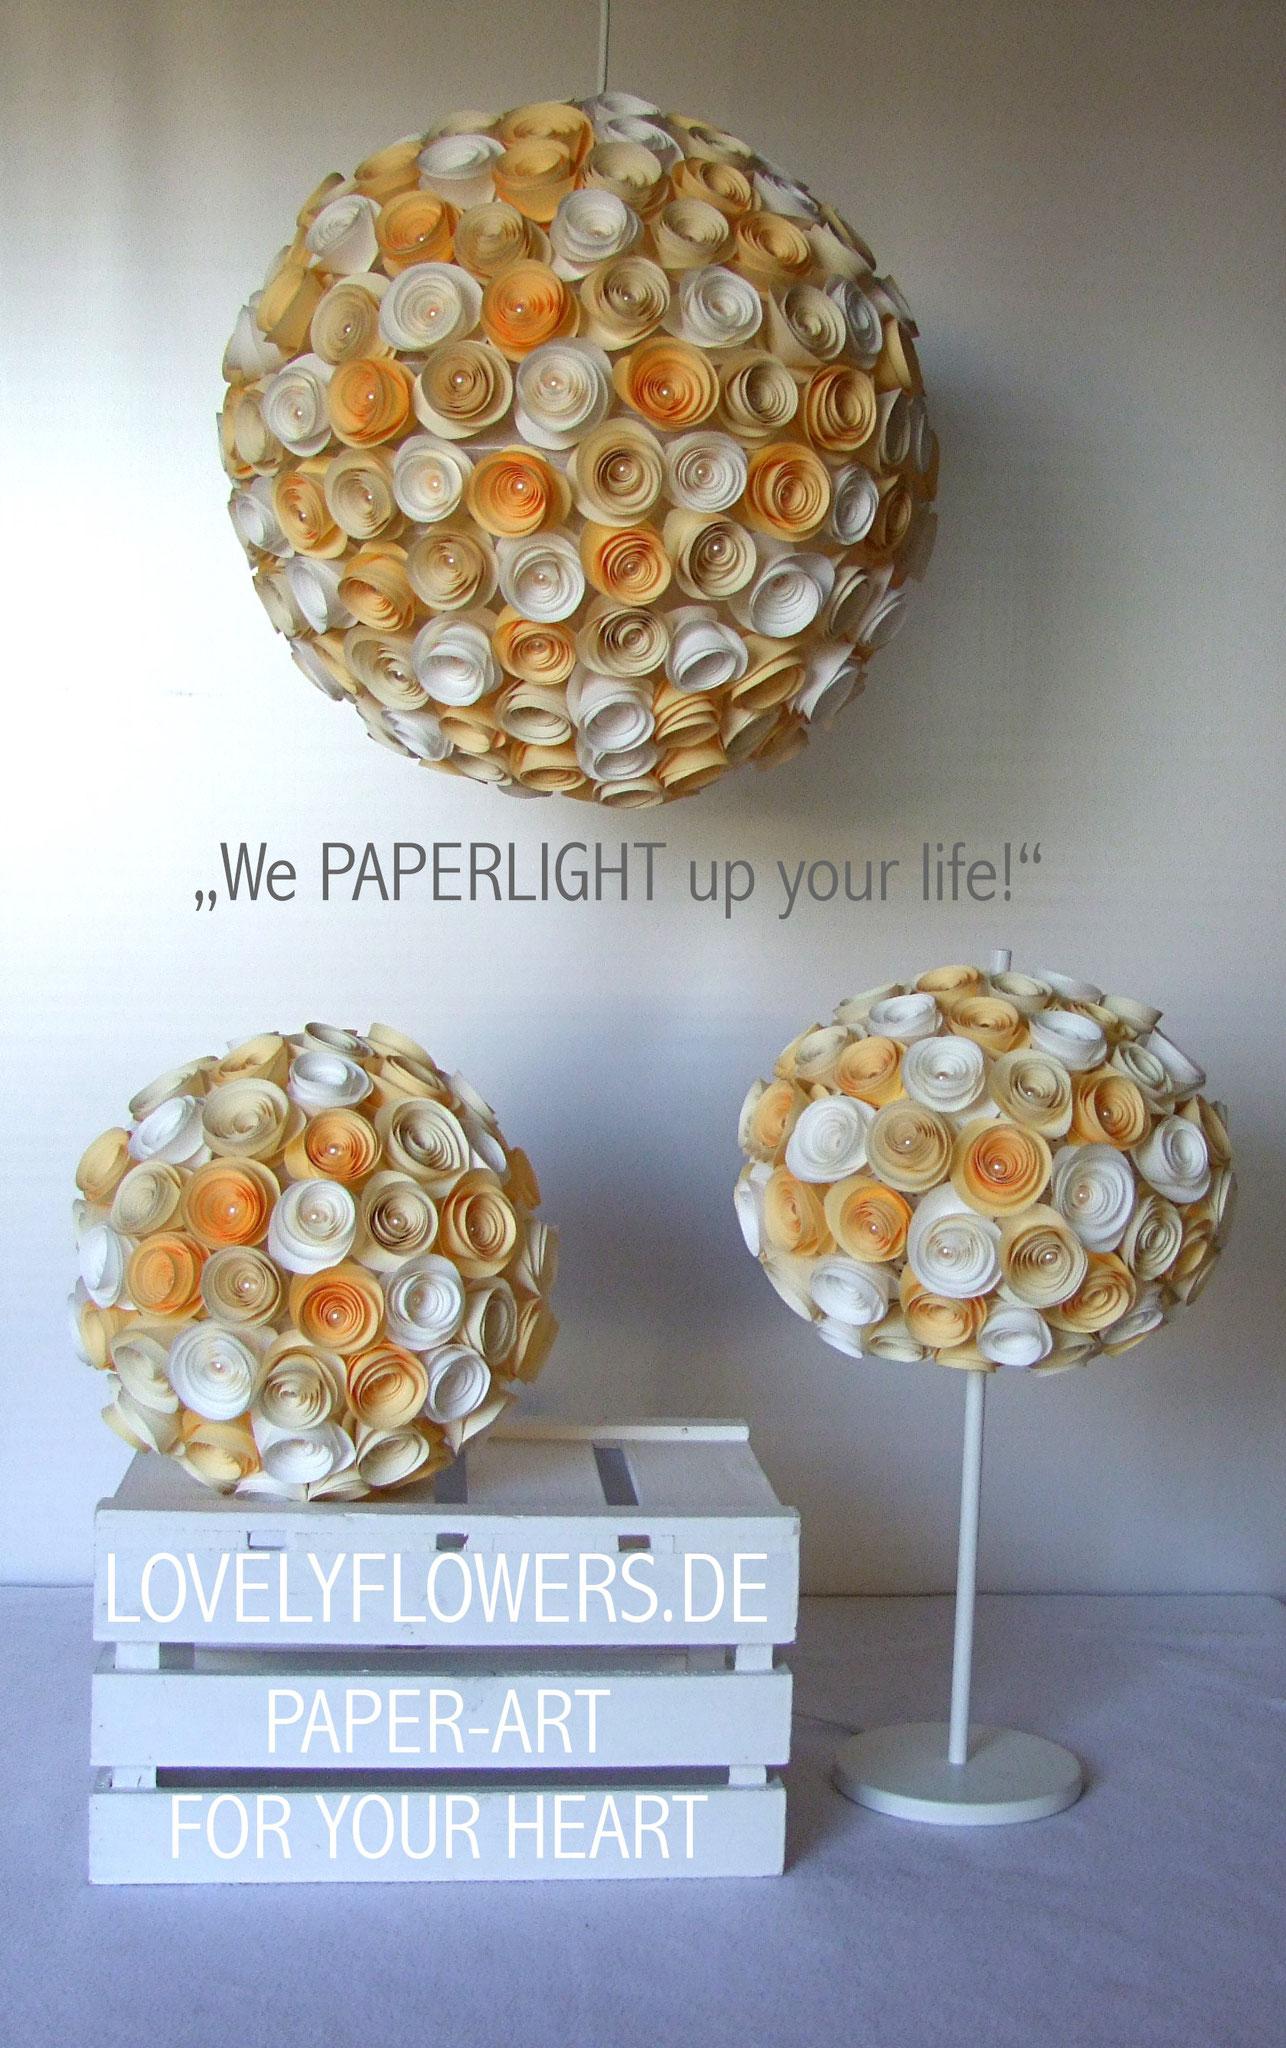 www.lovelyflowers.de  - Paper Art Lapen gibts als Hängelampen, Stehlampen, Kugellampen!